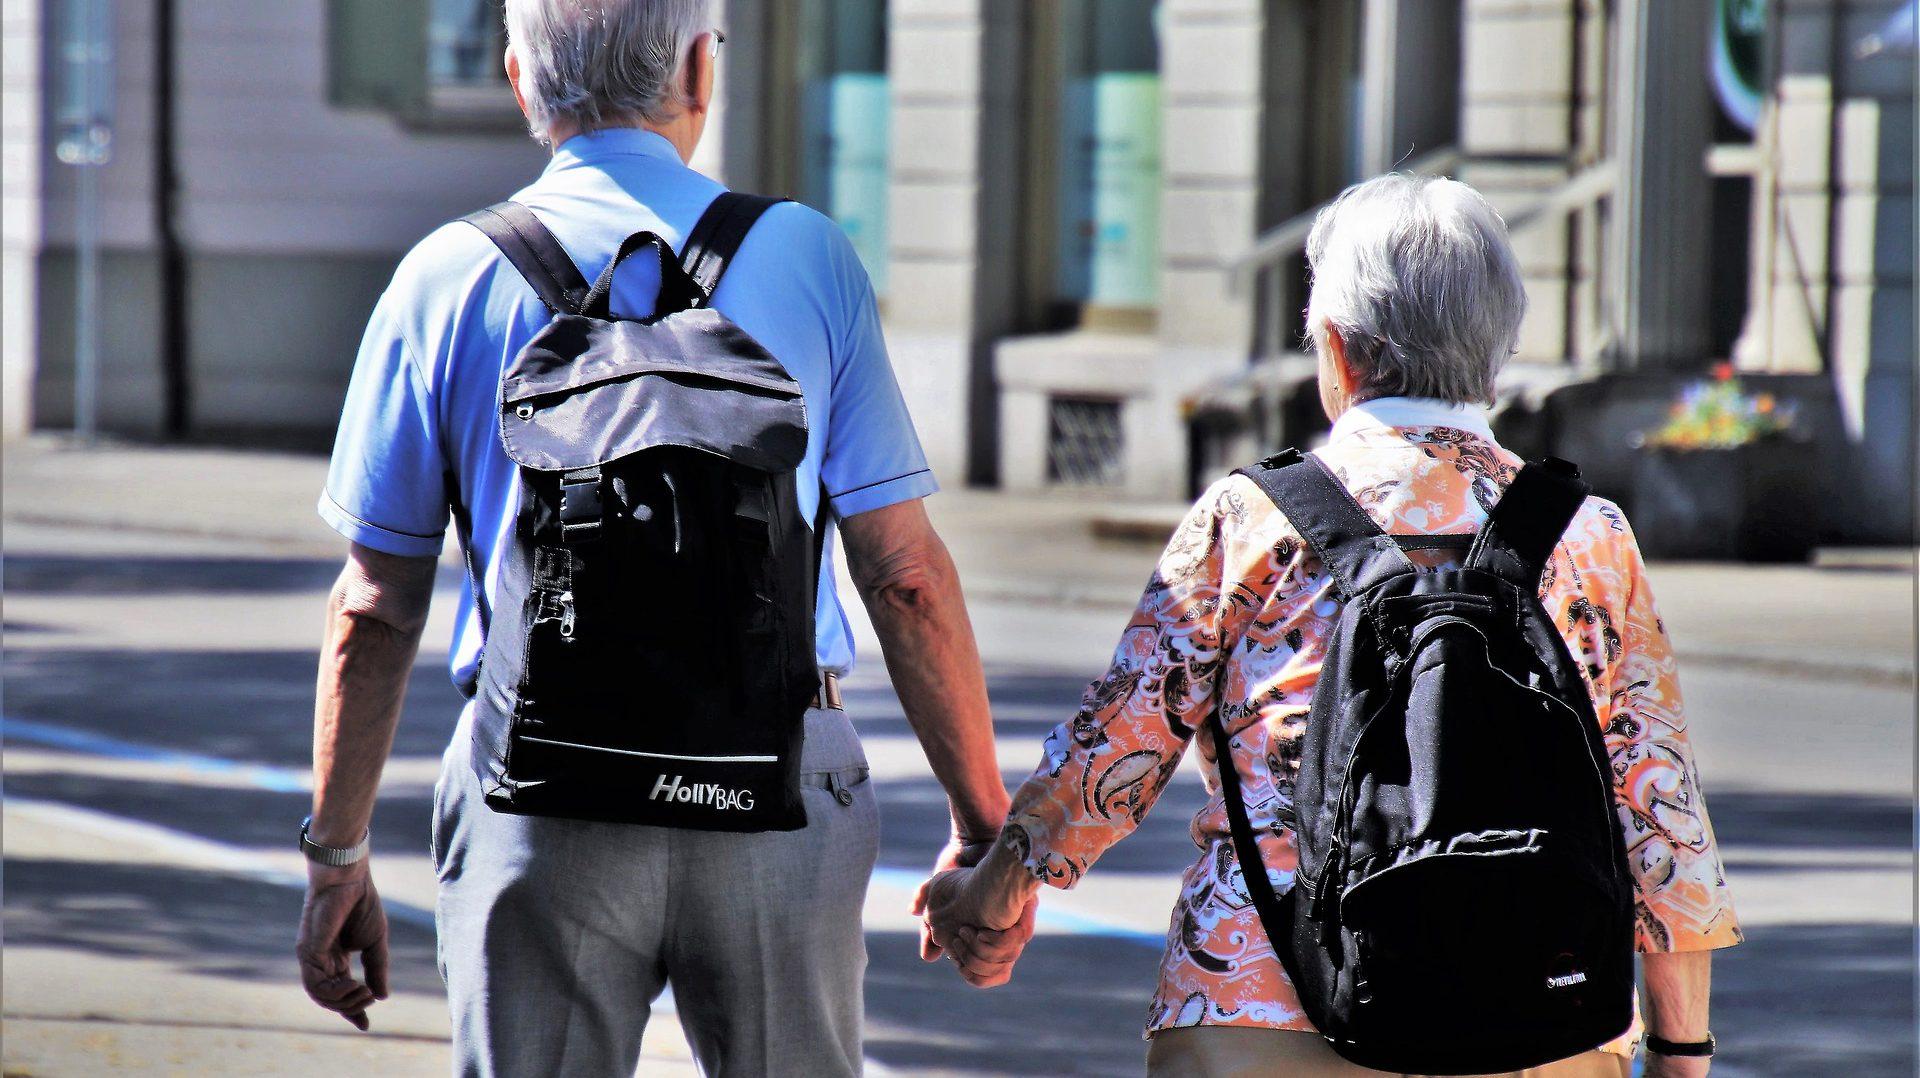 Fundacja Neuca dla Zdrowia ponownie dla seniorów